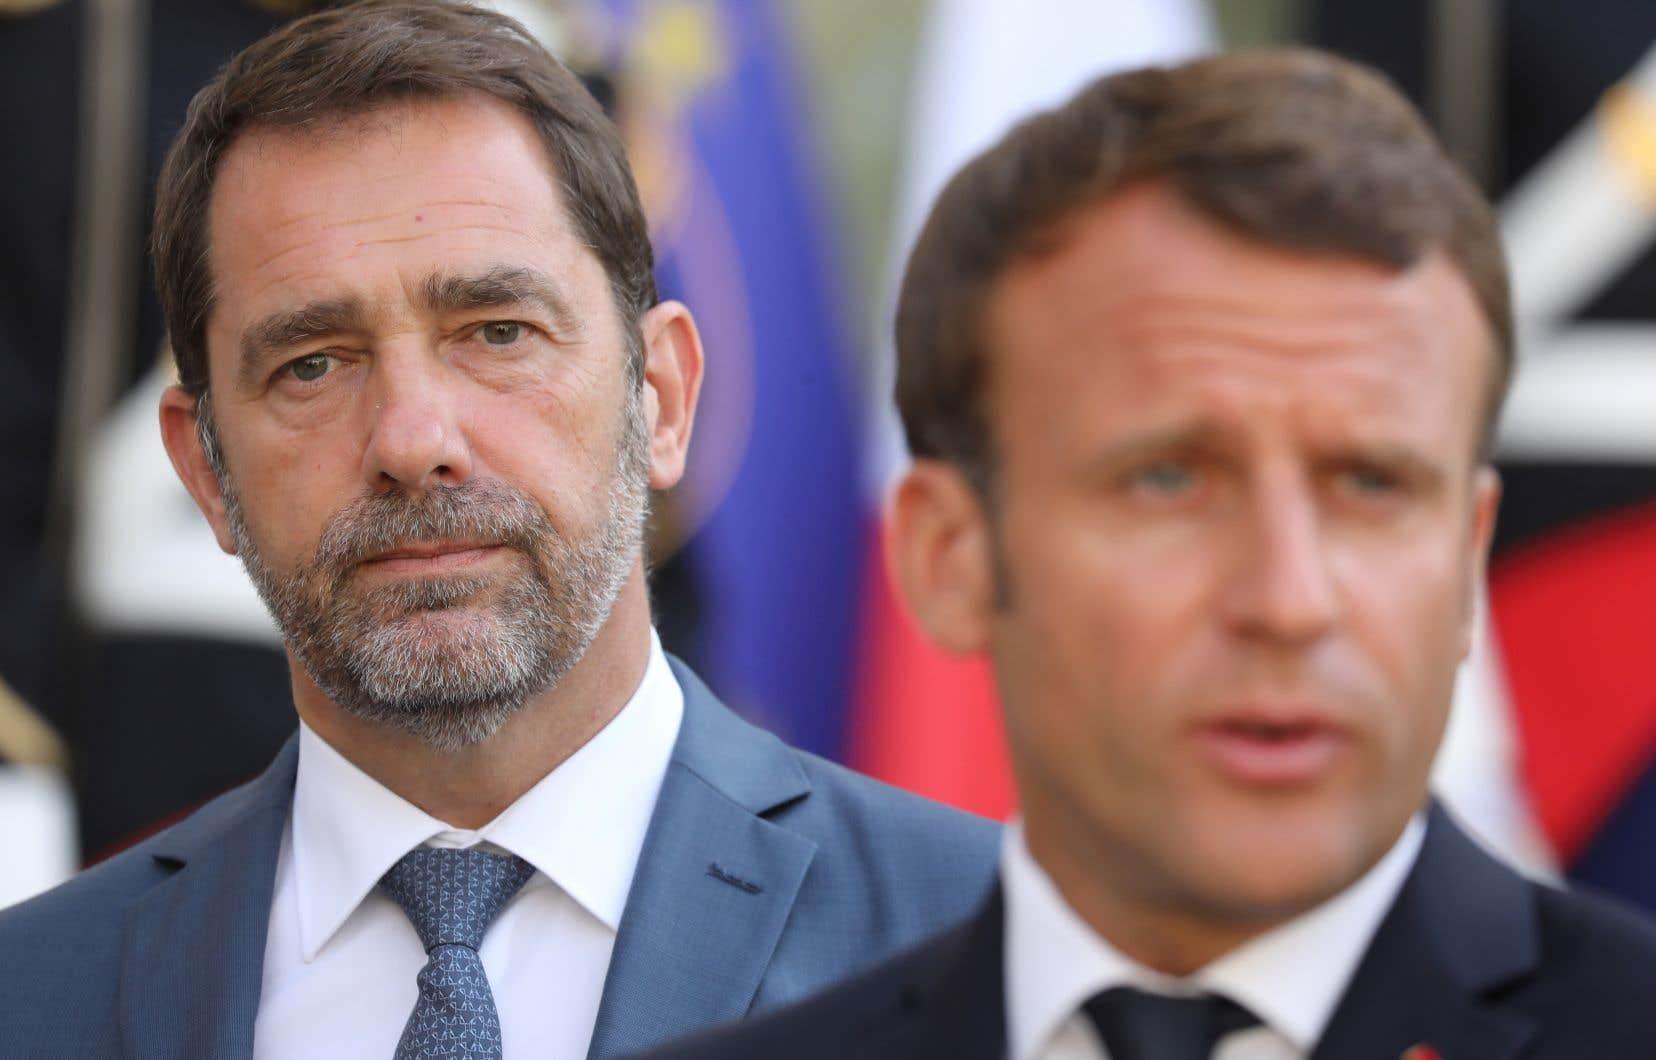 Le ministre de l'Intérieur de la précédente équipe, Christophe Castaner, un très proche d'Emmanuel Macron, mais qui s'était mis à dos les policiers, est remplacé par Gérald Darmanin, qui était auparavant en charge des Comptes publics.